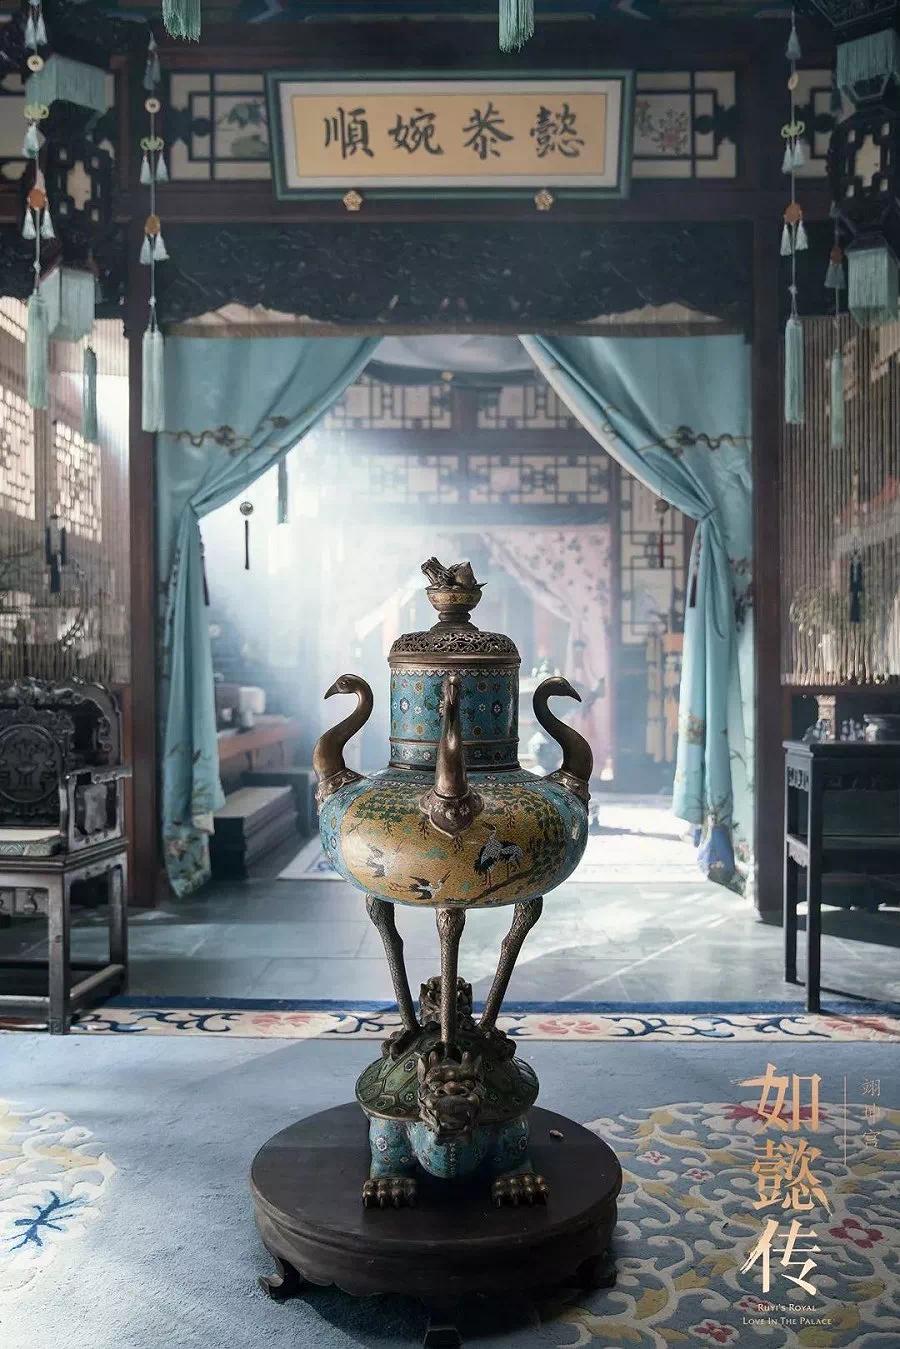 从《延禧攻略》到《如懿传》,中式美配色才是真正的赢家!